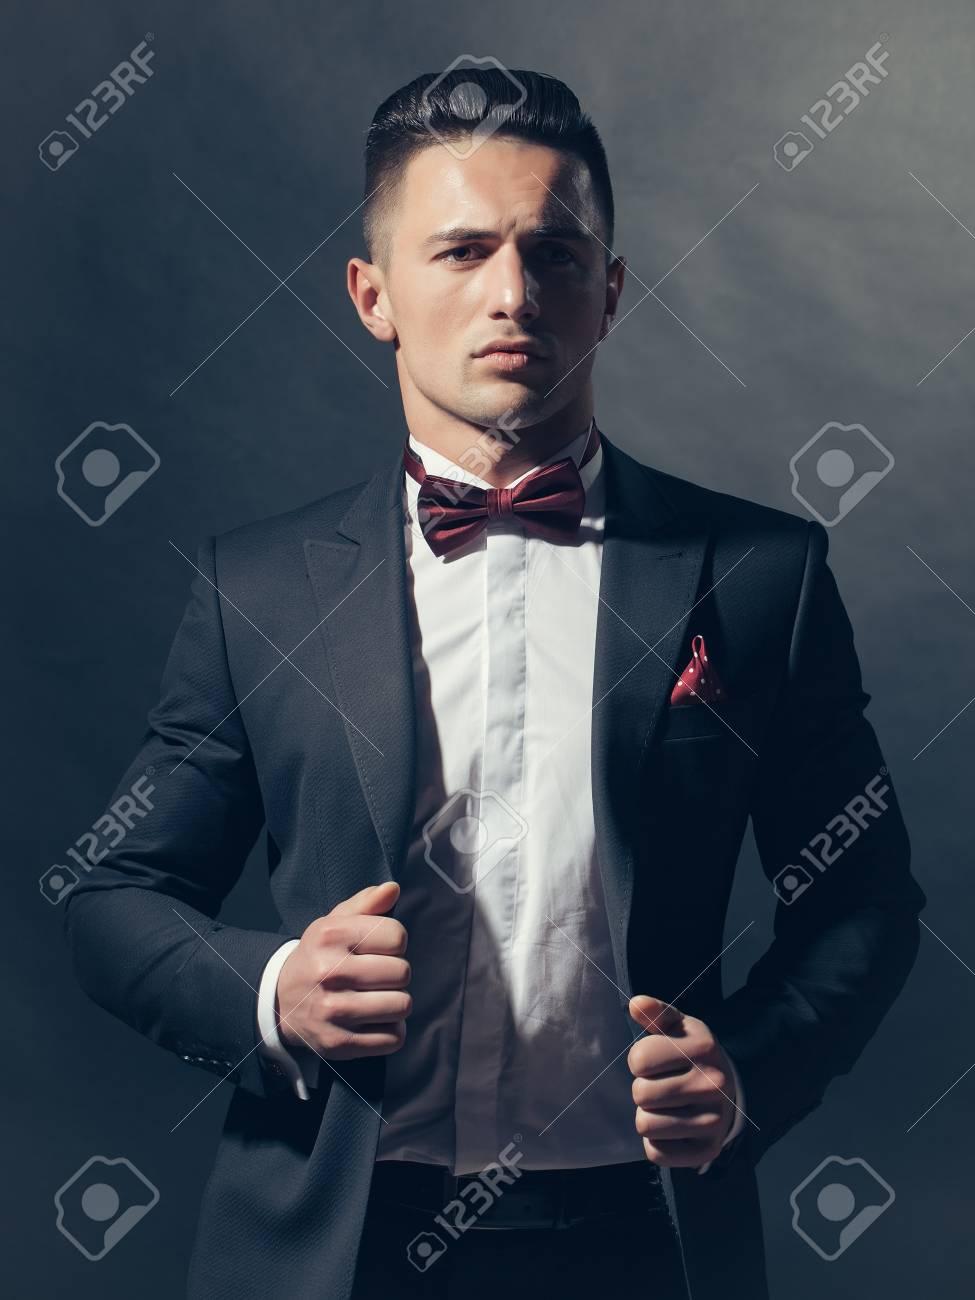 Banque d images - Jeune homme gentil à la mode costume noir chemise blanche  et cravate au studio df137a547b6